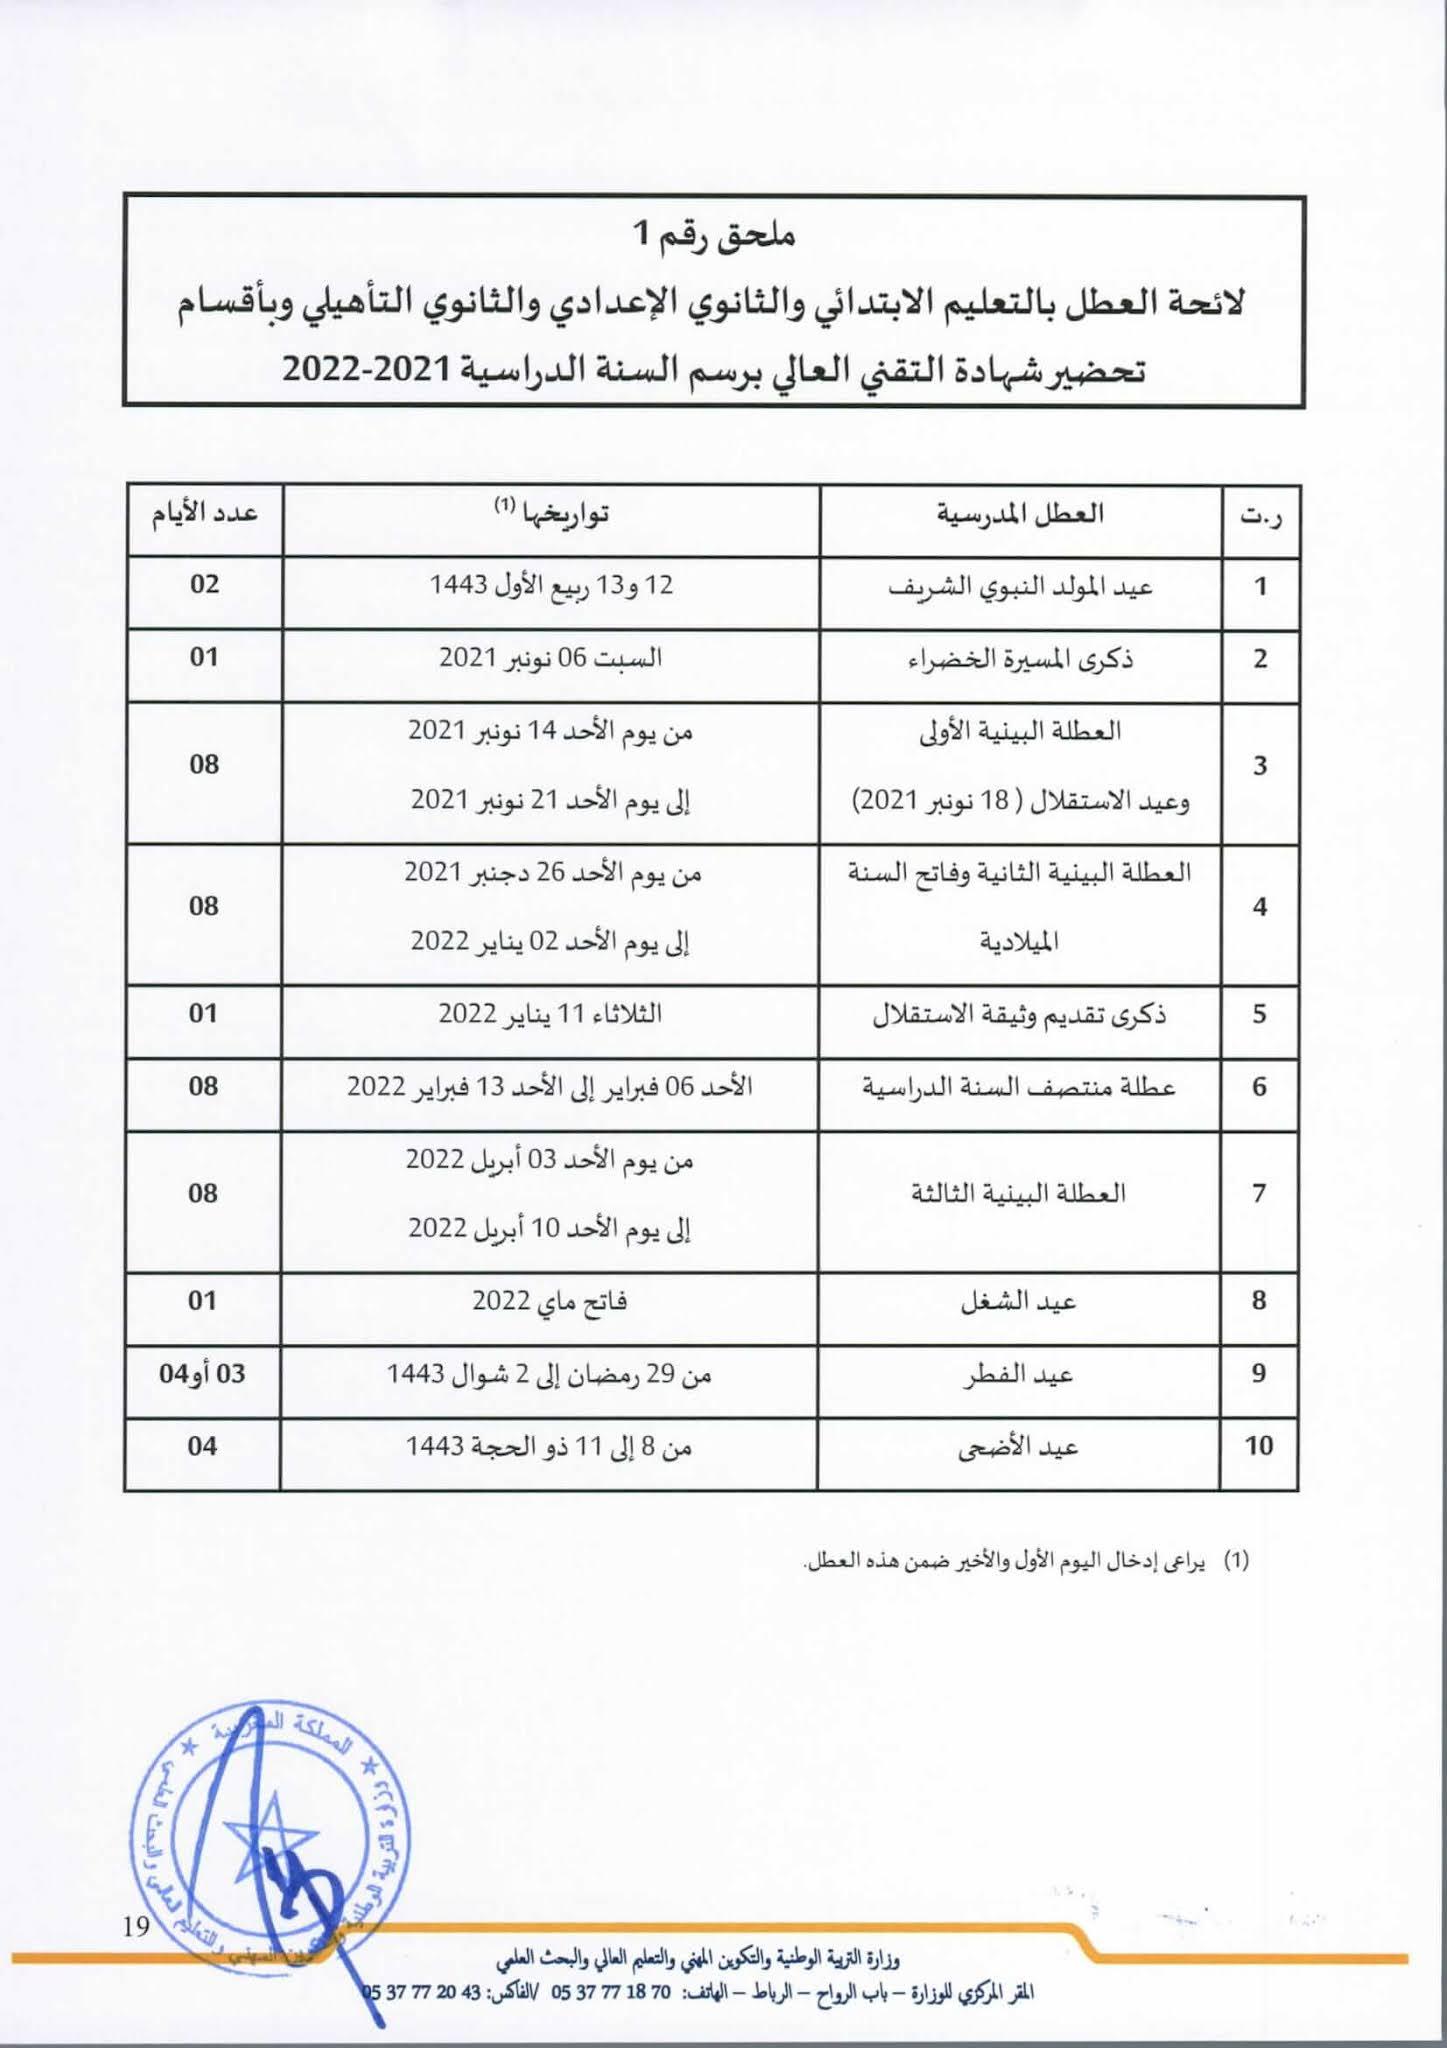 لائحة العطل المدرسية 2021 2022 وفق التعديلات الجديدة pdf